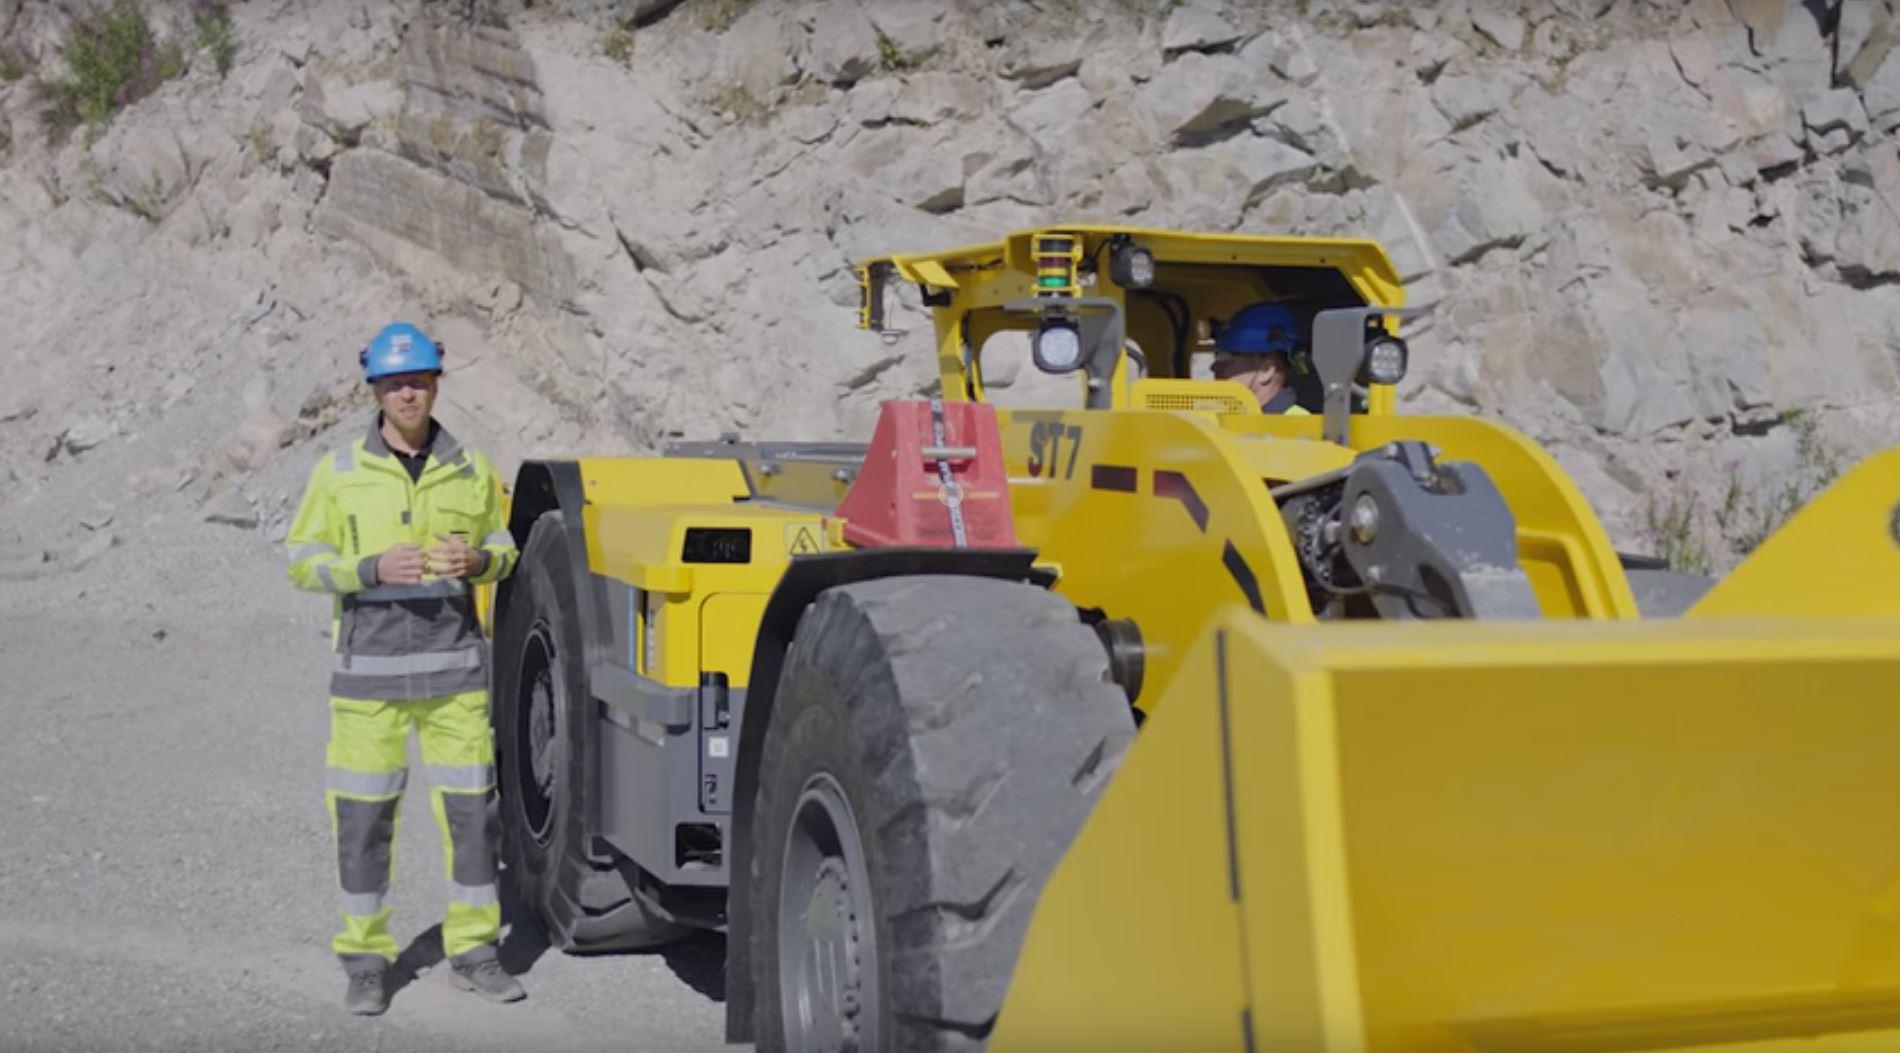 Горные выработки станут чище и безопаснее с беспроводным оборудованием Atlas Copco